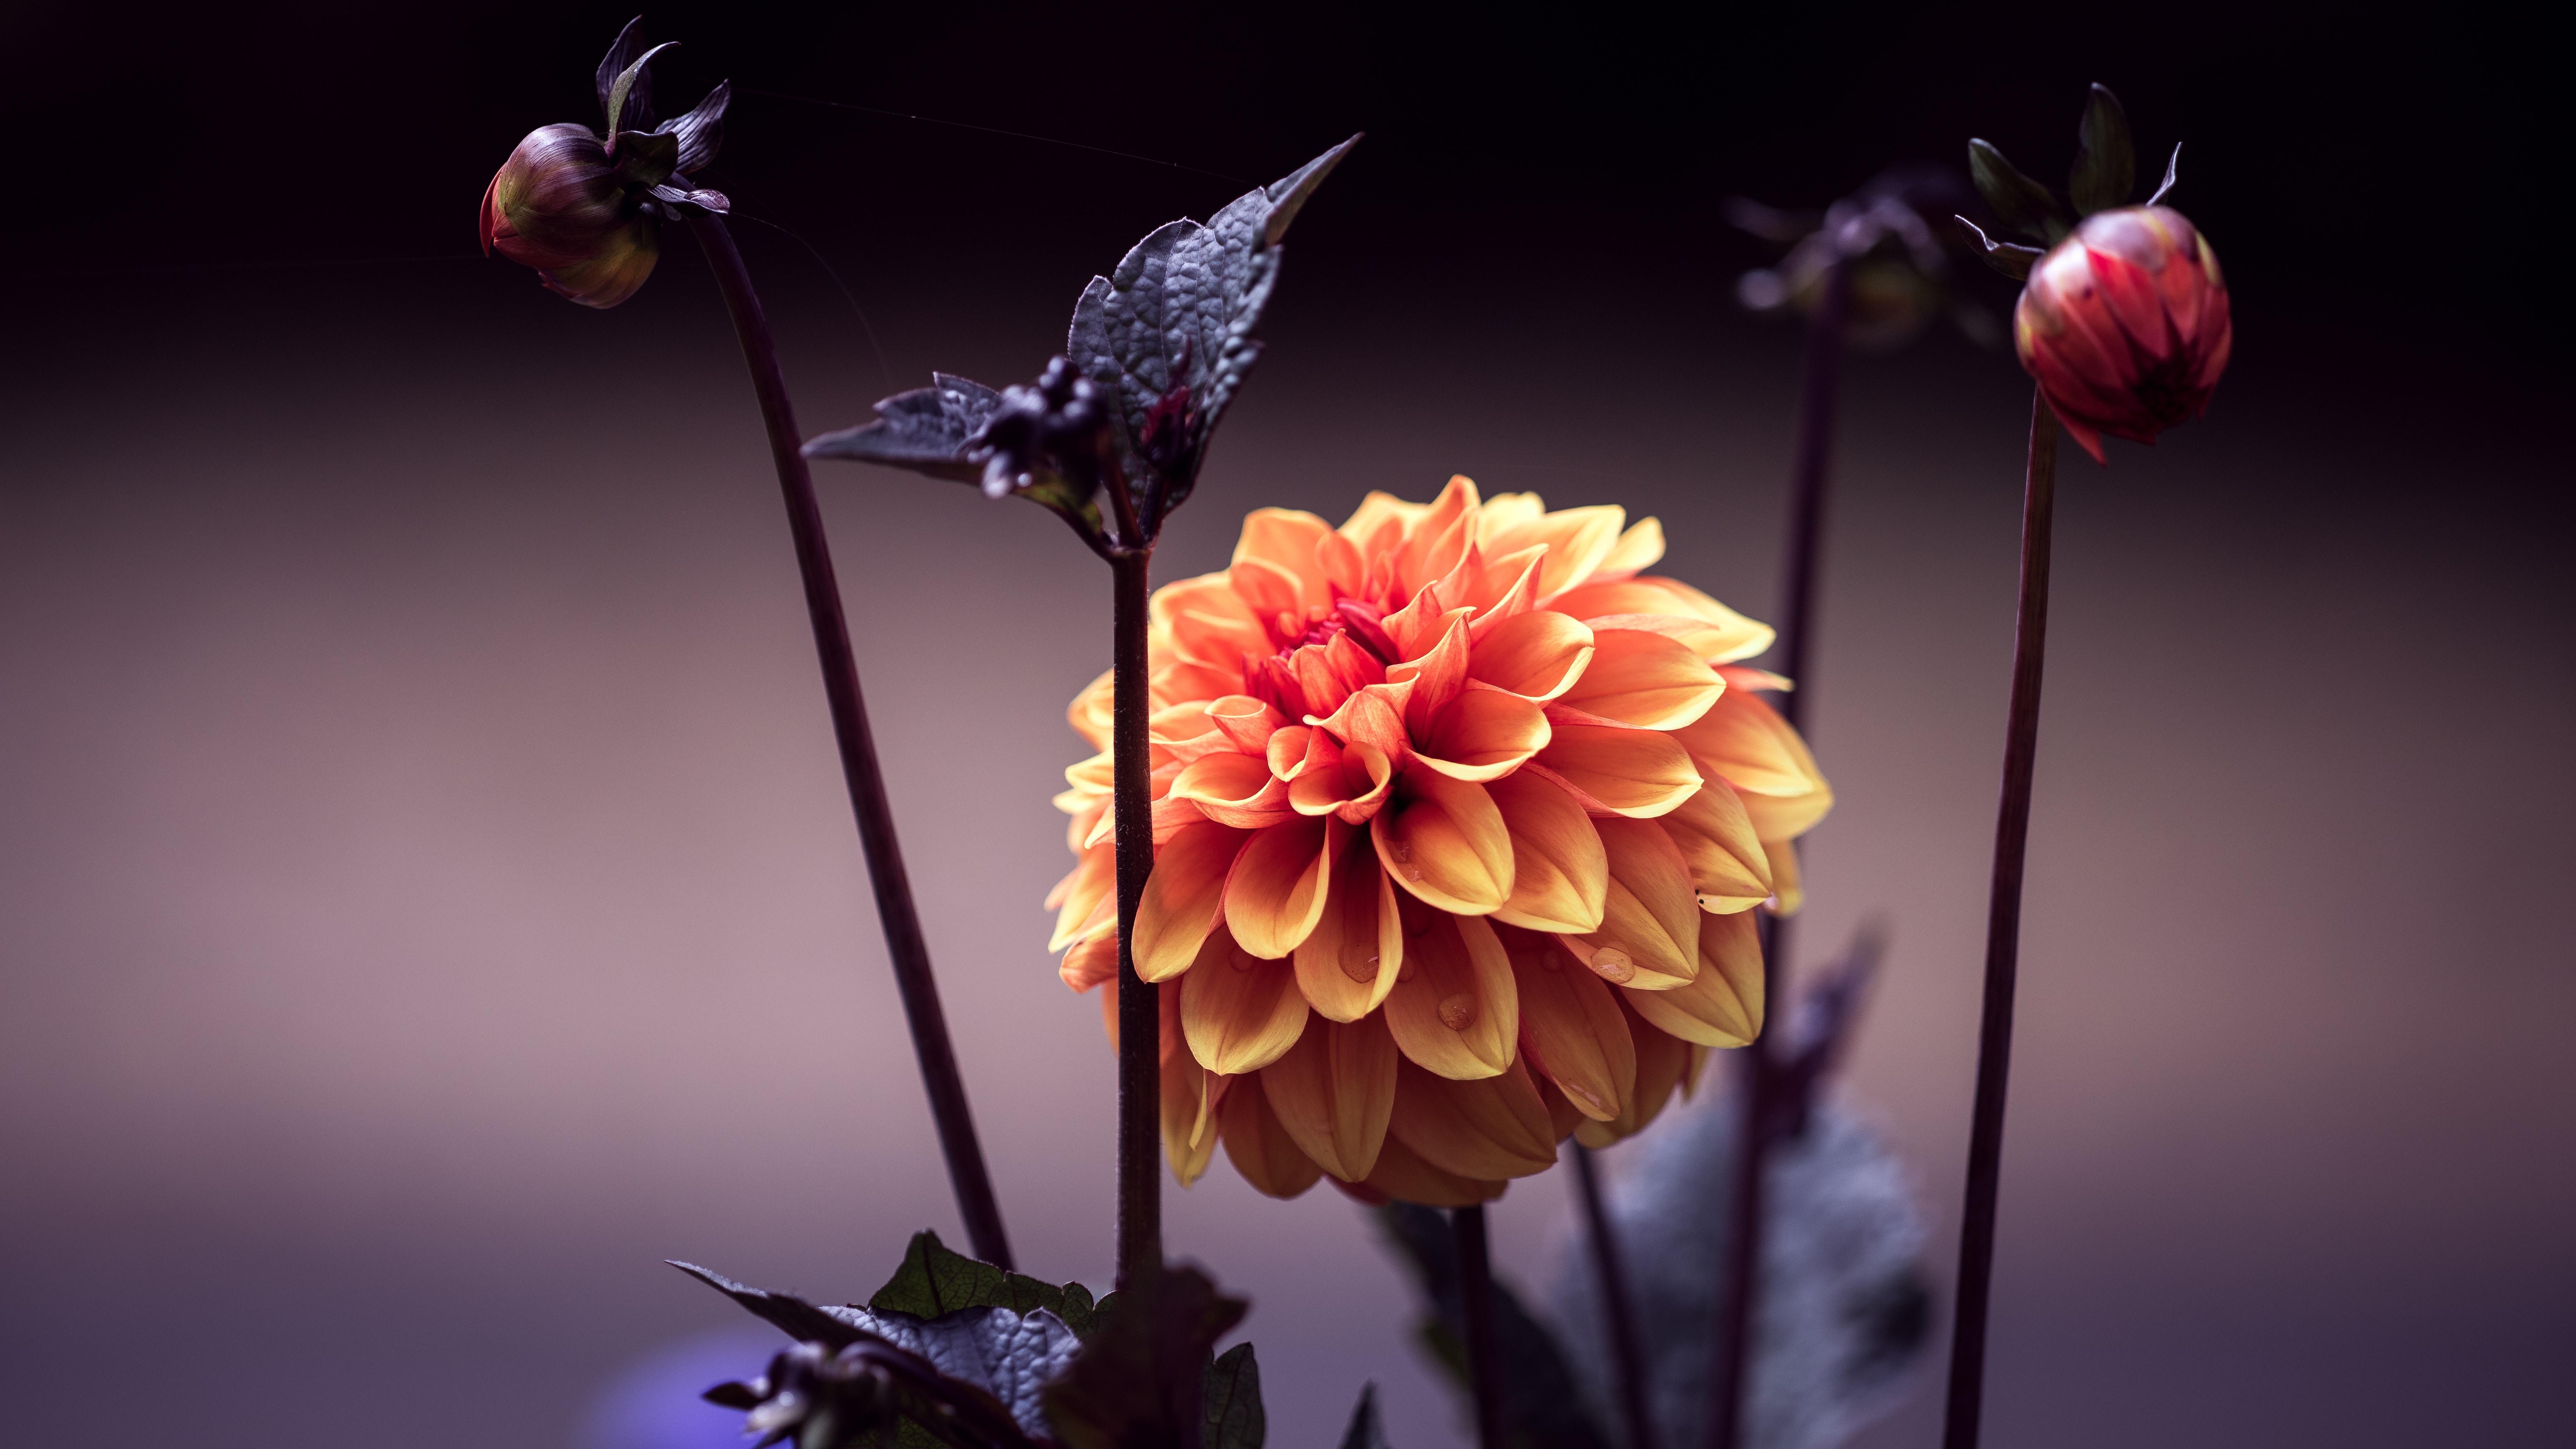 Close-up of a radiant orange dahlia flower